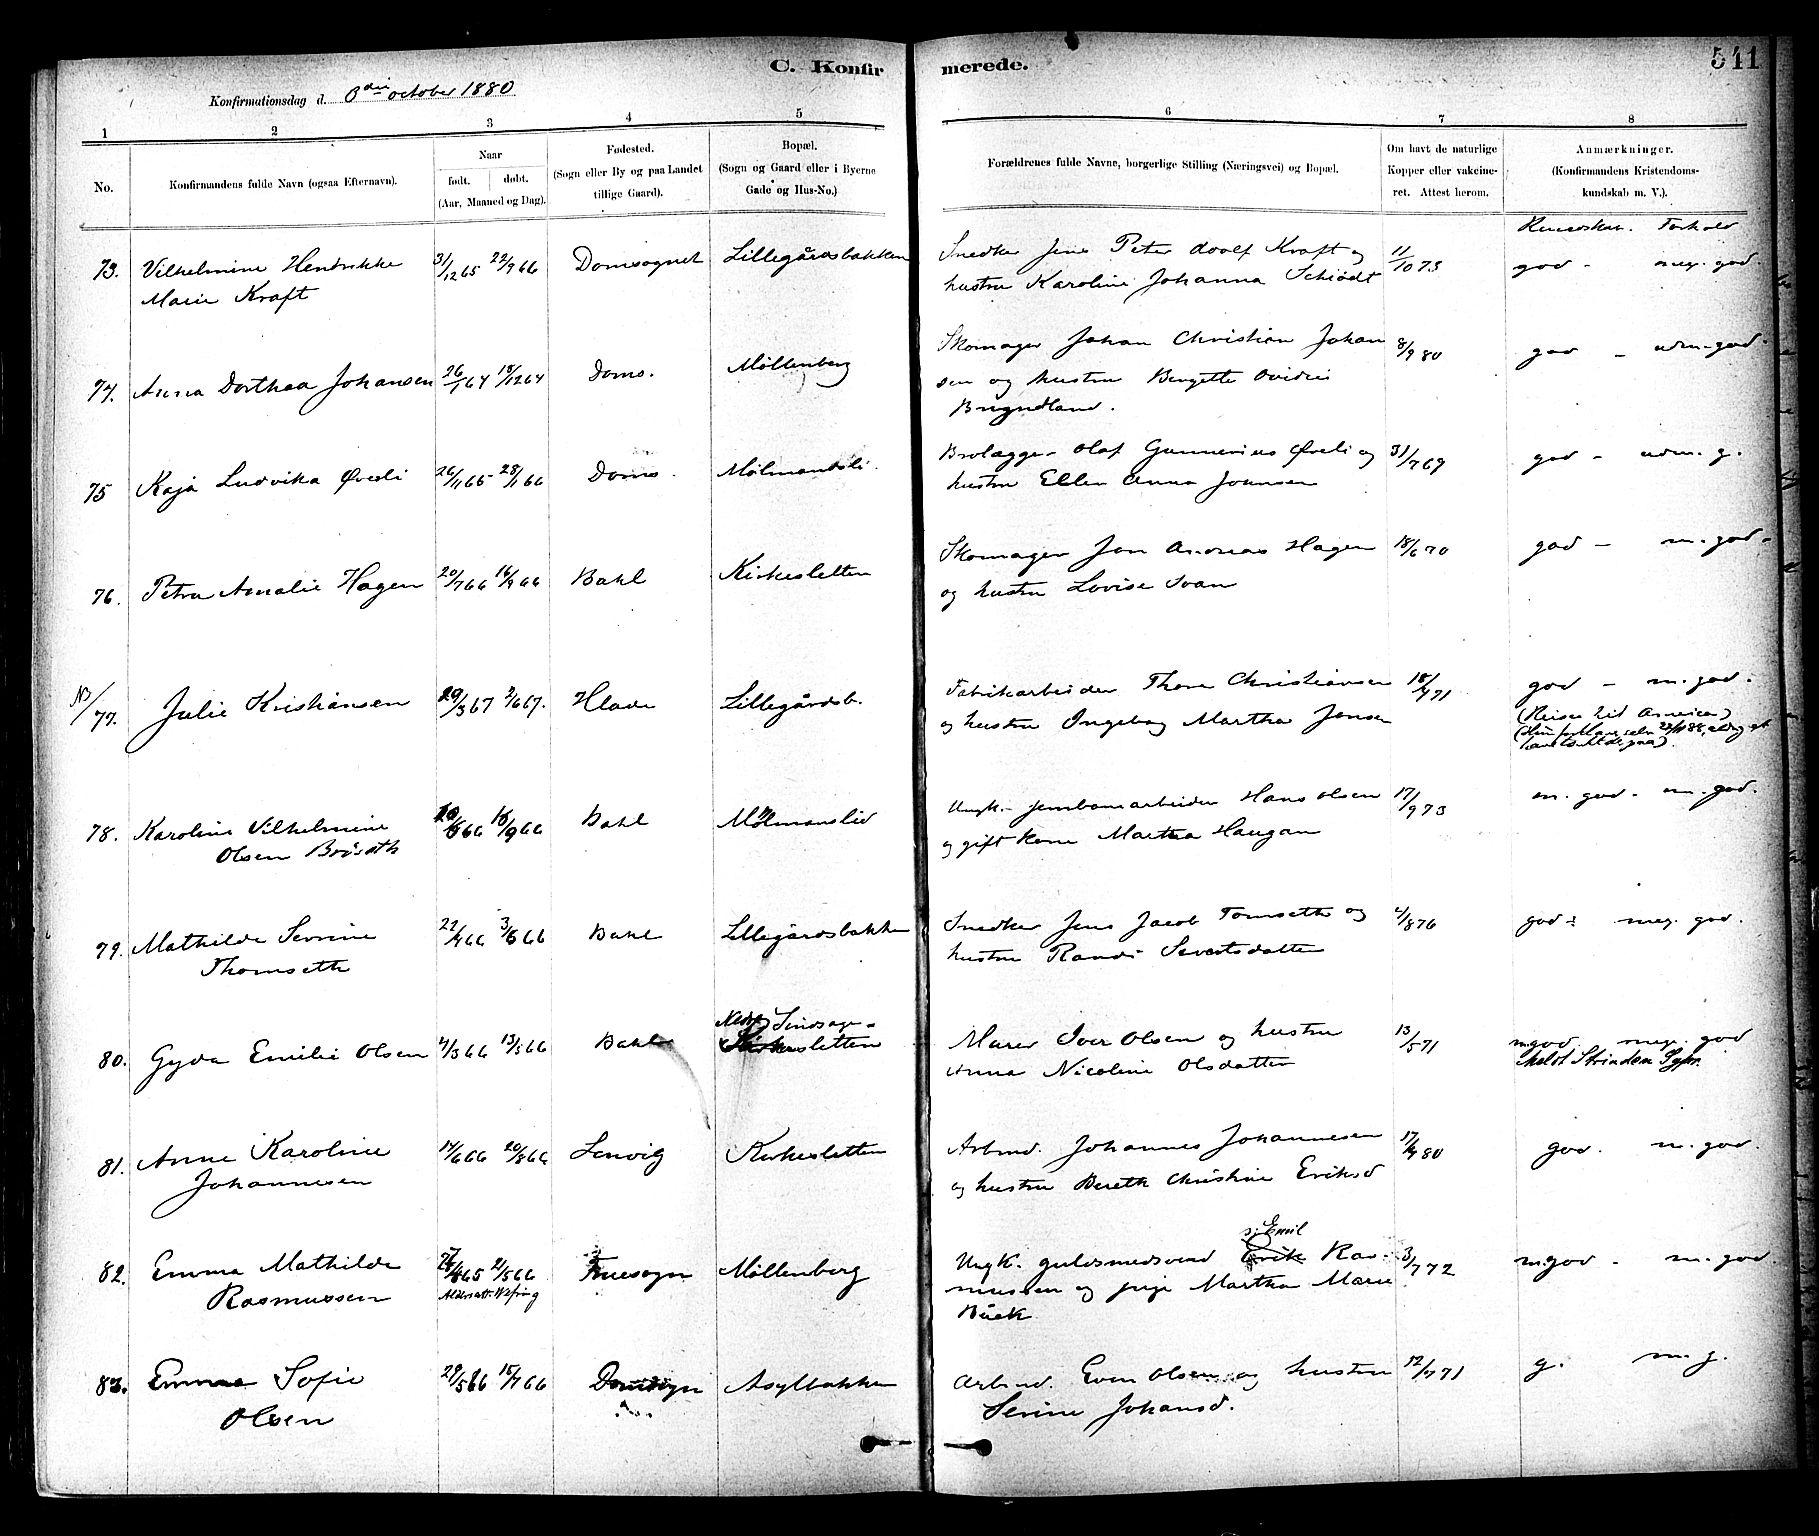 SAT, Ministerialprotokoller, klokkerbøker og fødselsregistre - Sør-Trøndelag, 604/L0188: Ministerialbok nr. 604A09, 1878-1892, s. 541